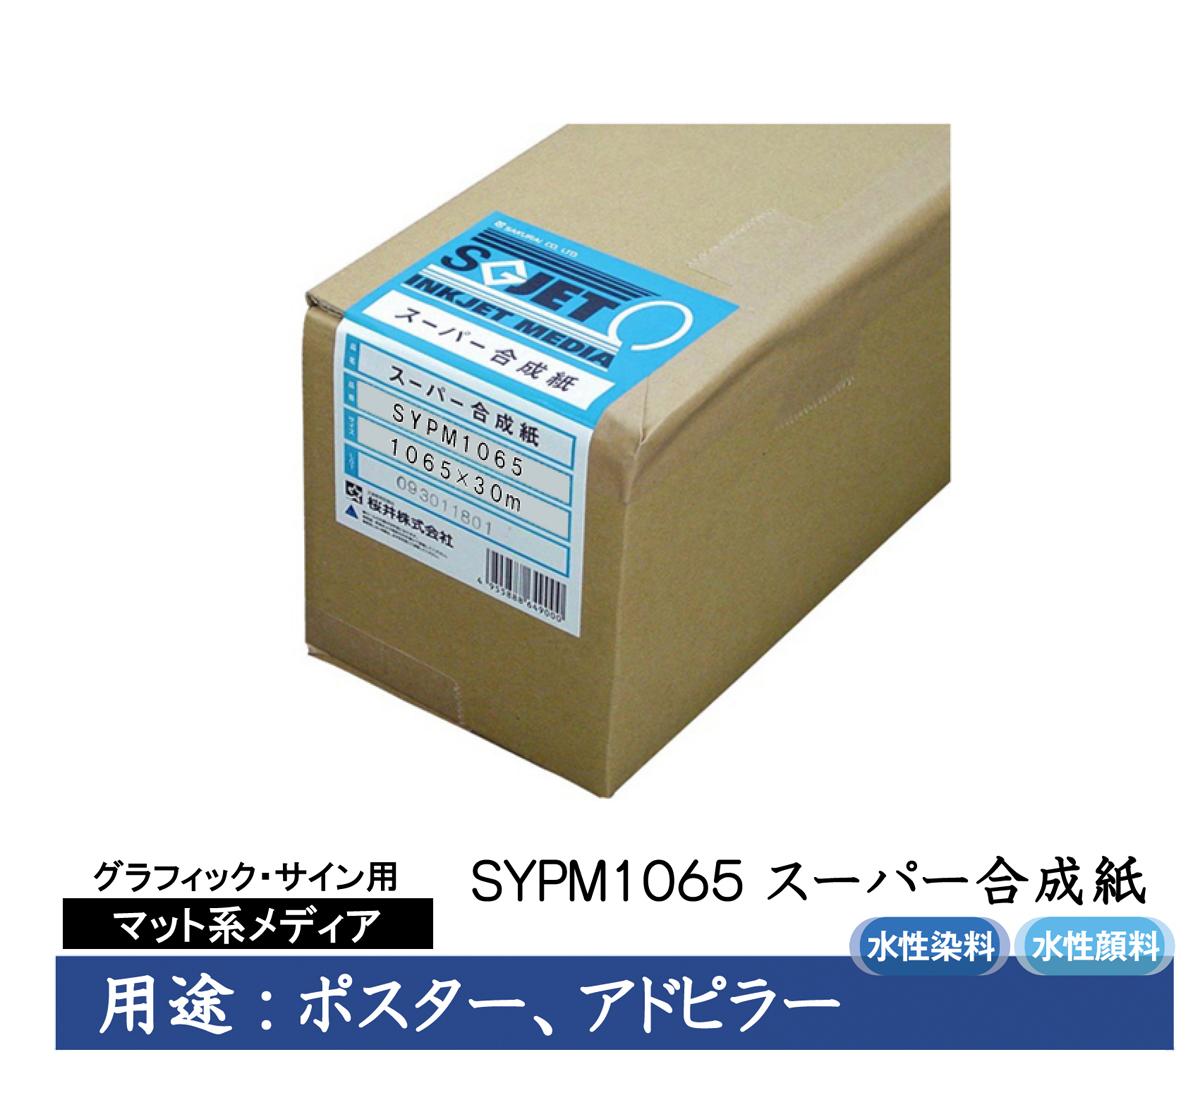 桜井 グラフィック・サイン用インクジェット用紙 スーパー合成紙 1065mm×30m 2インチ 1本入 SYPM1065